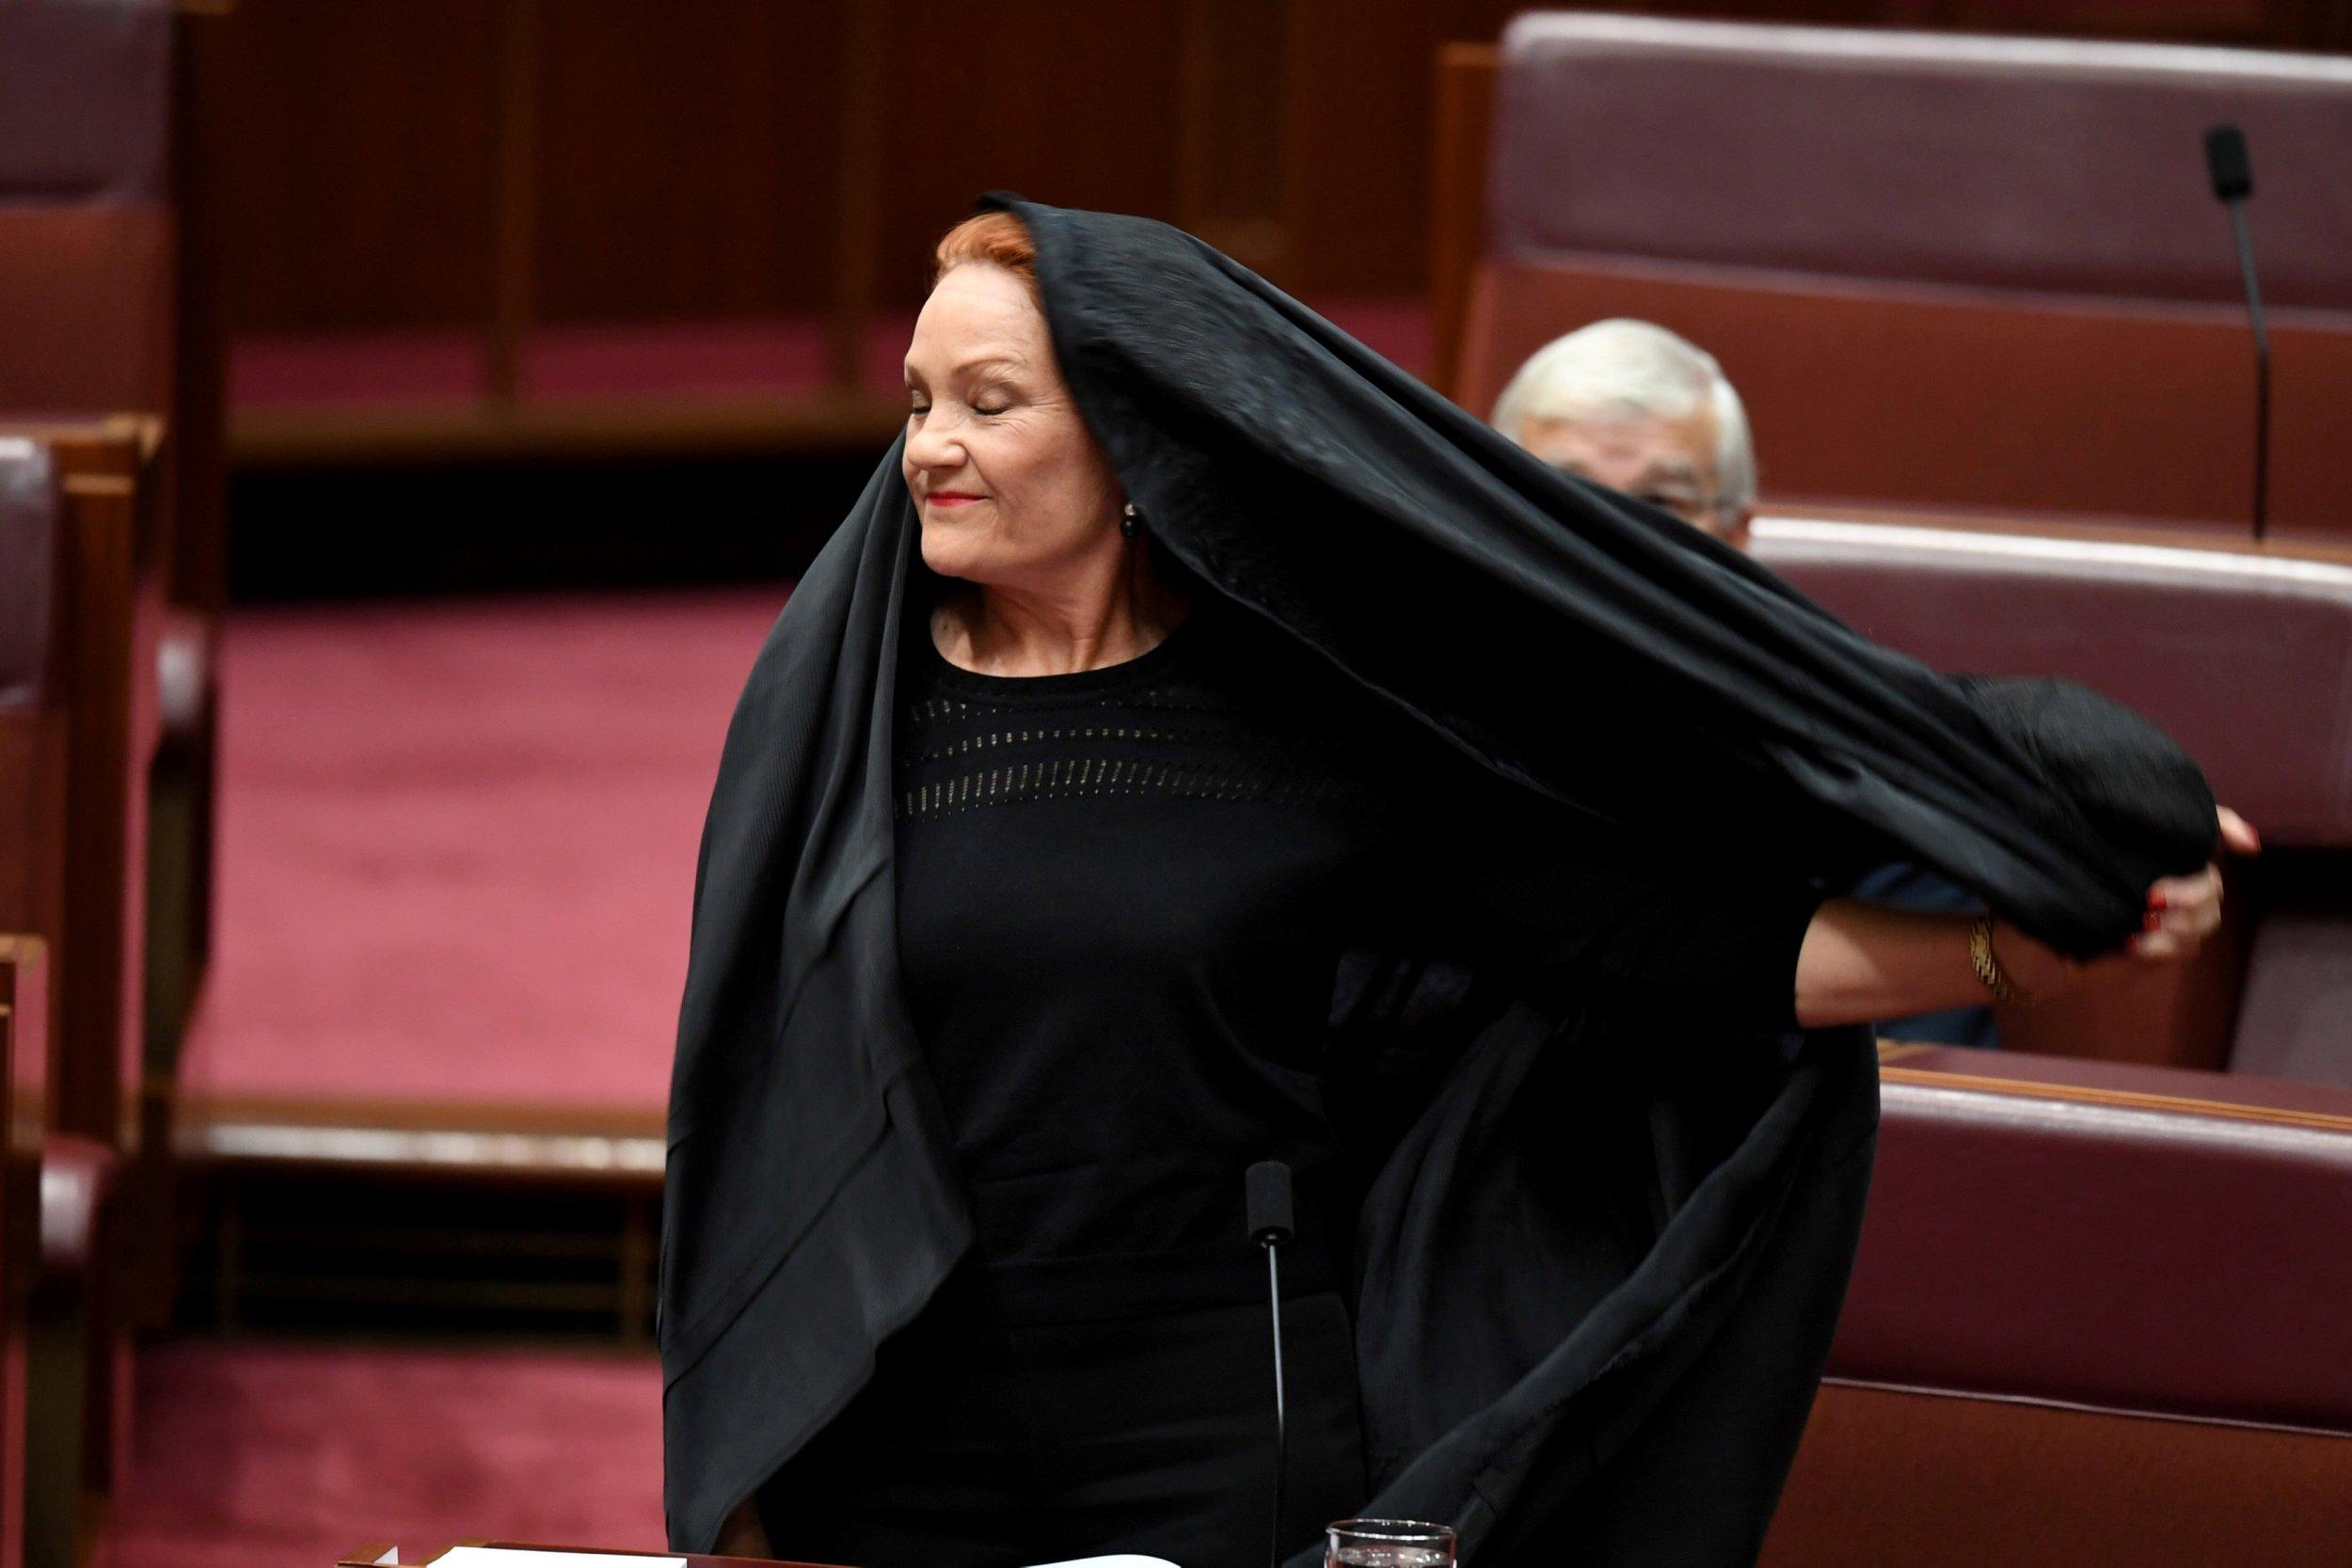 2017-08-17T060412Z_1_LYNXNPED7G09S_RTROPTP_4_AUSTRALIA-POLITICS-HANSON